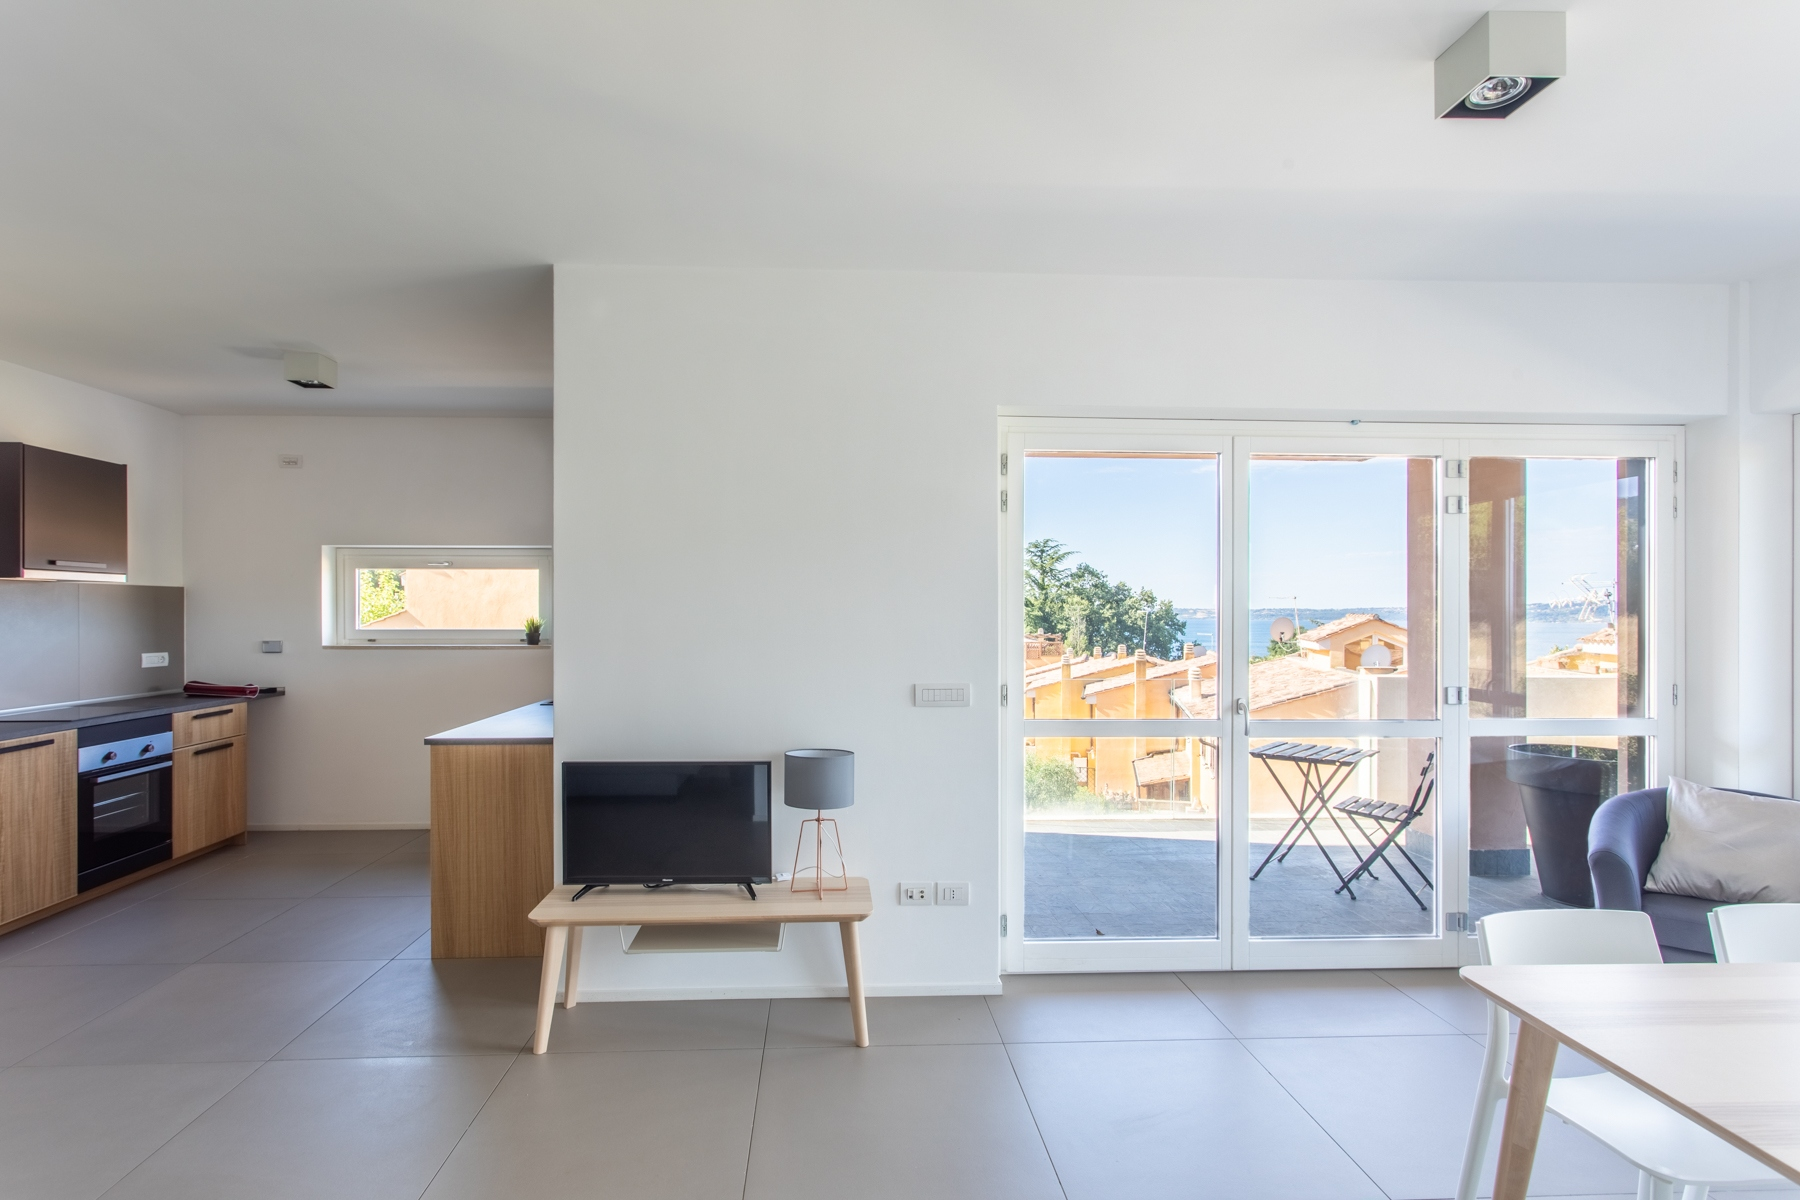 Appartamento in Vendita a Trevignano Romano: 4 locali, 100 mq - Foto 4